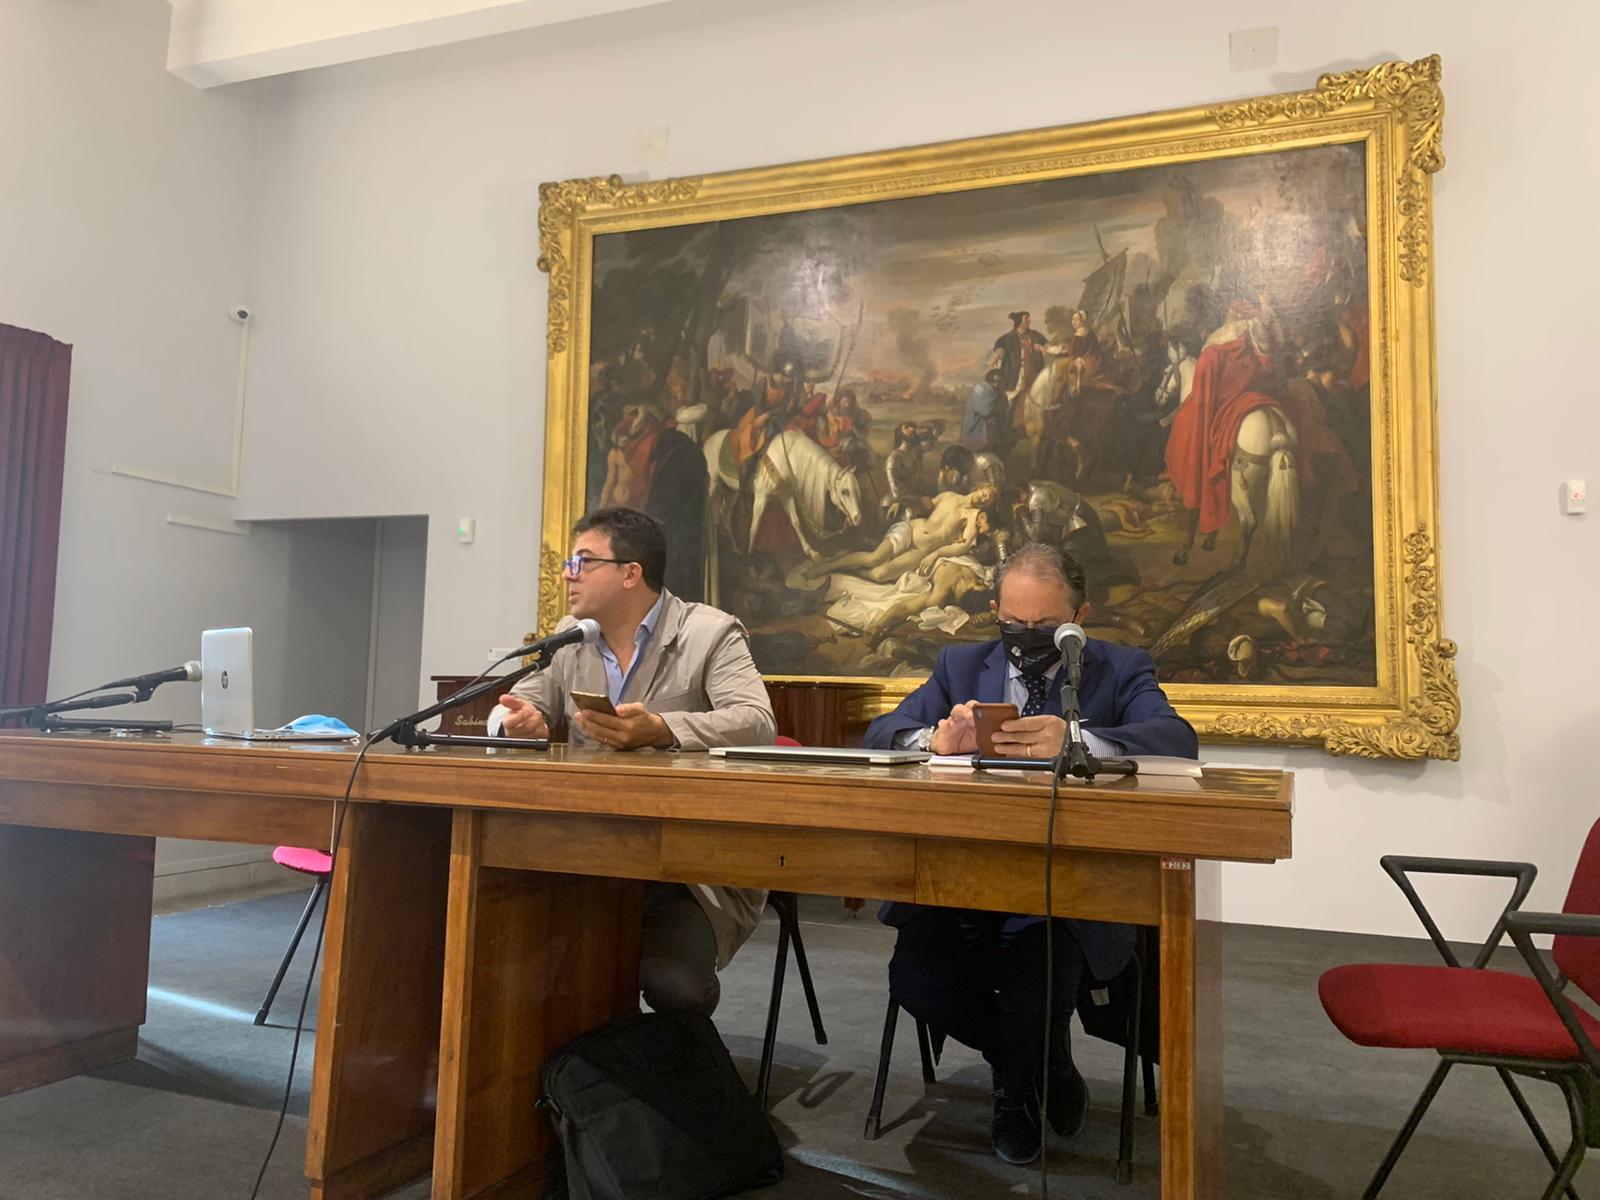 Napoli, sottoscritto importante accordo quadro tra Anci Campania e i Distretti turistici della Regione Campania